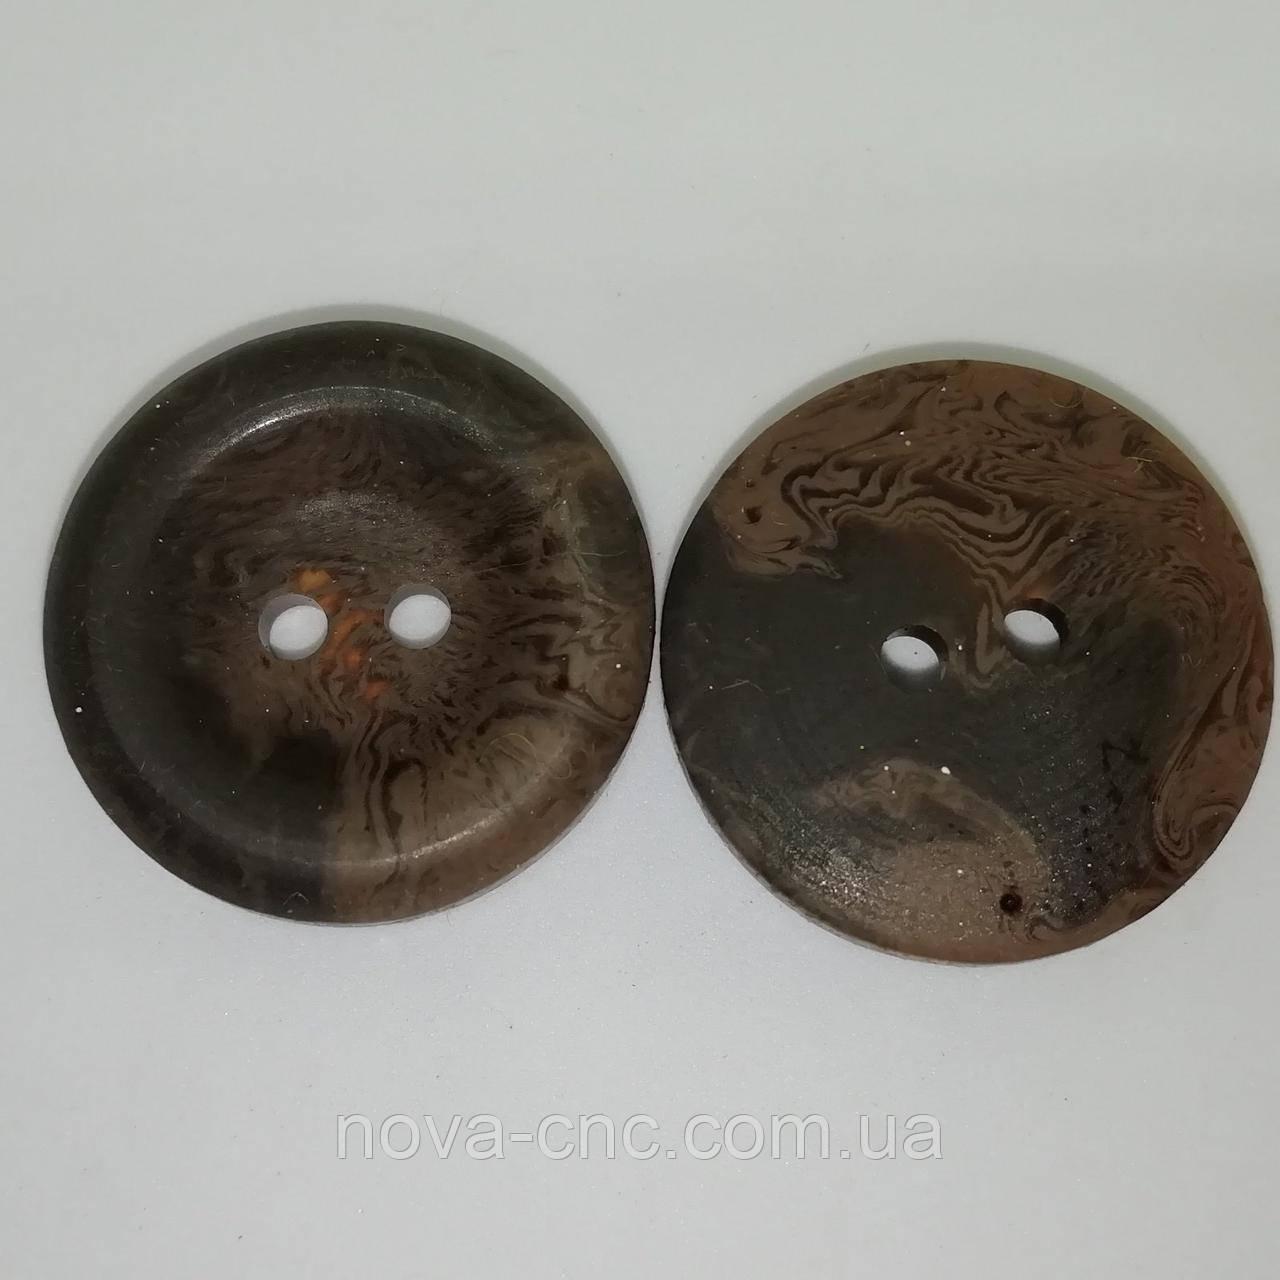 Пуговица пластмассовая 22 мм Цвет коричневый мраморный Упаковка 350 штук